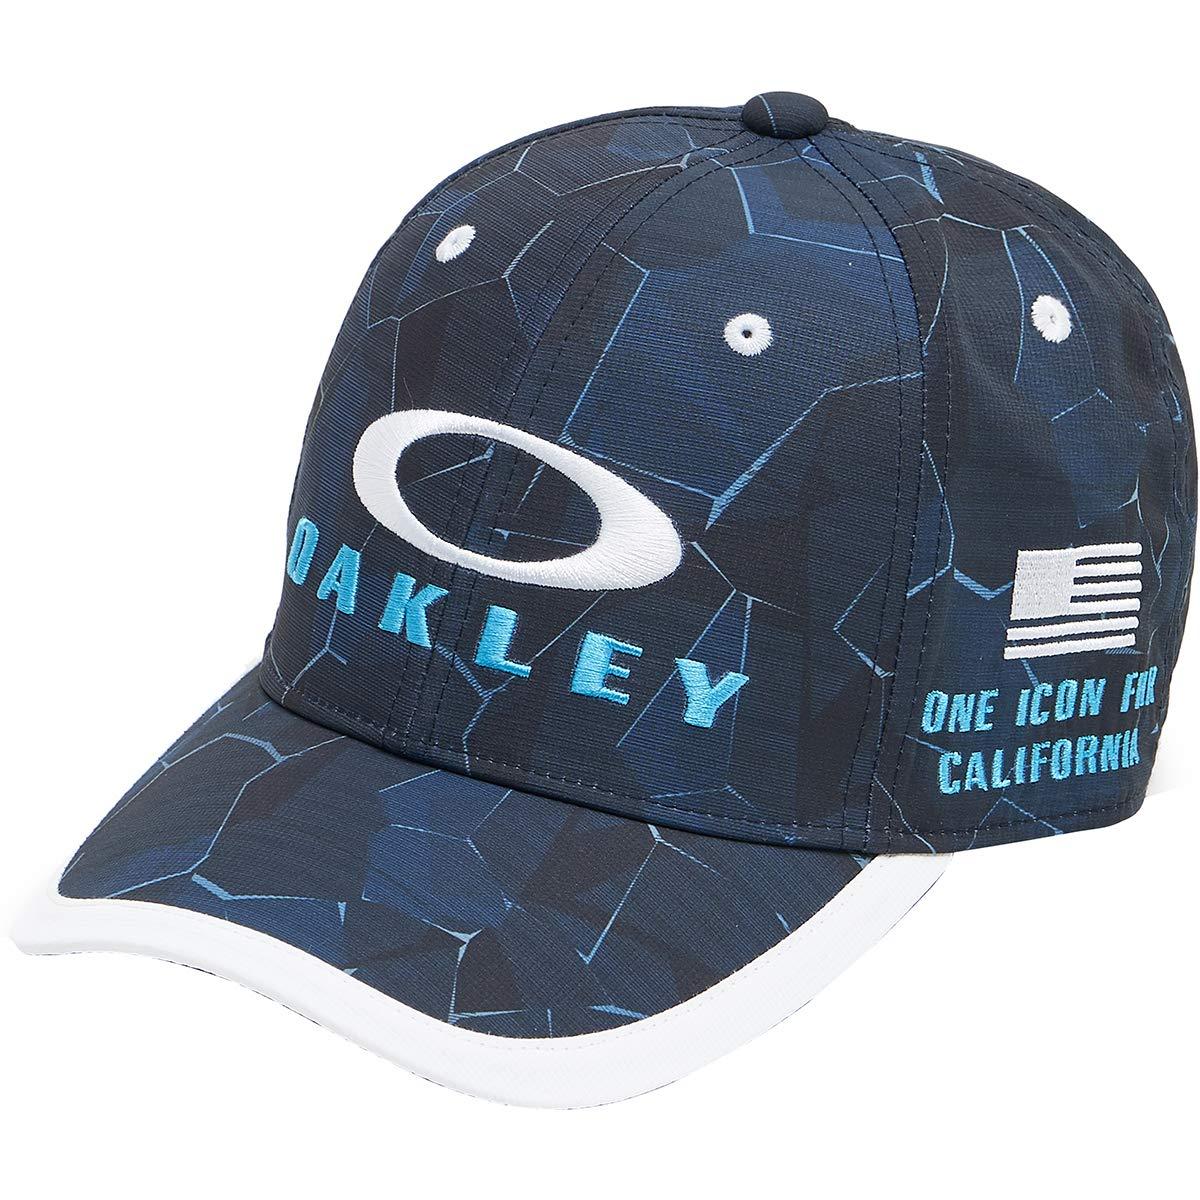 Oakley Adjustable Fit Hats, Foggy Blue, N/S by Oakley